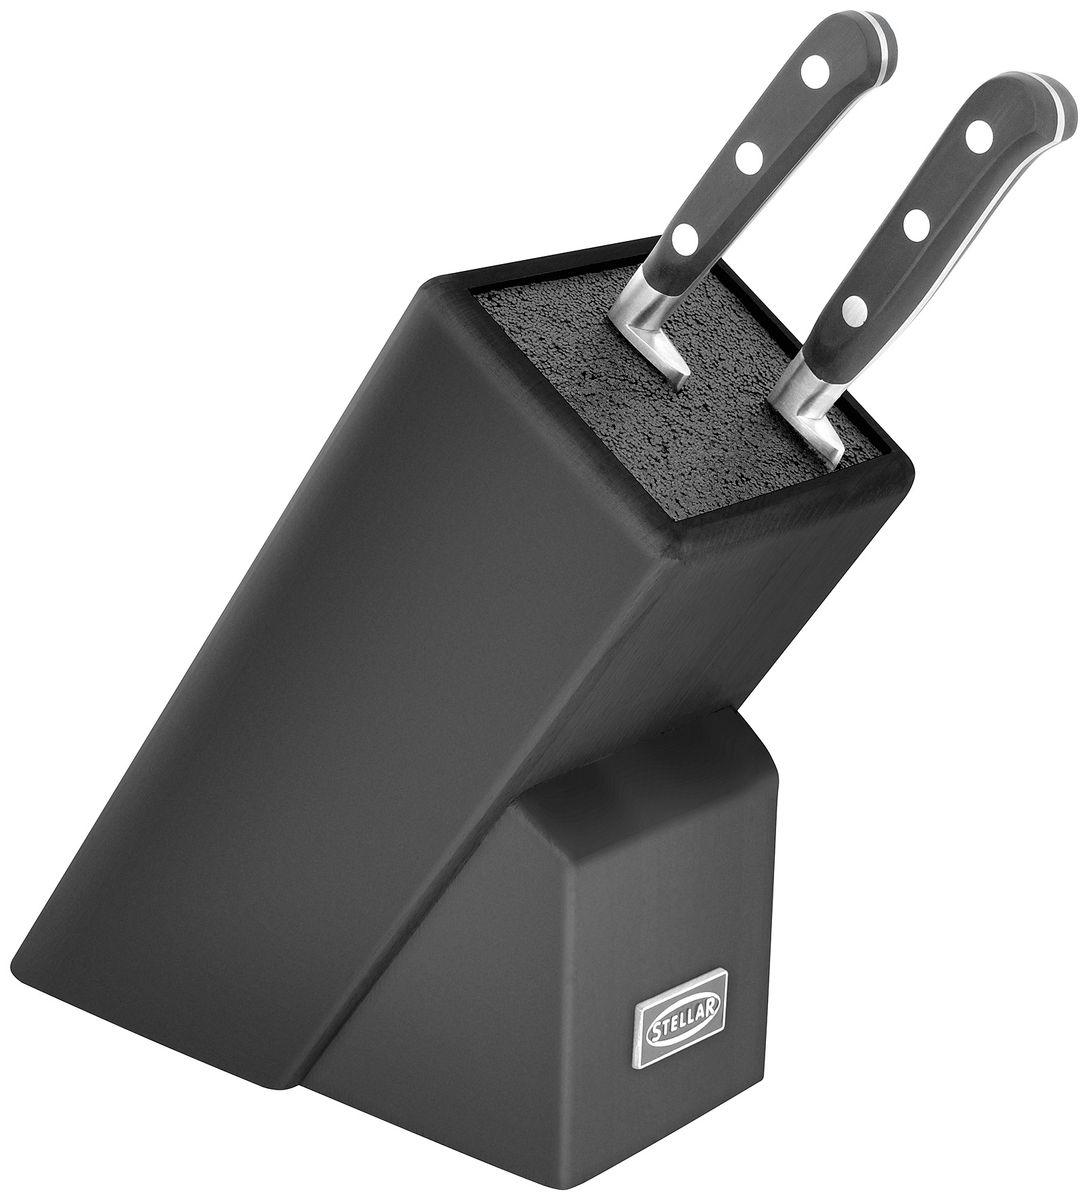 Стойка для ножей (черная). SK92BSK92BСтойка для ножей (черная).Удобно хранить ножи и мыть саму стойку.Порадуйте себя и близких классическим английским дизайном.